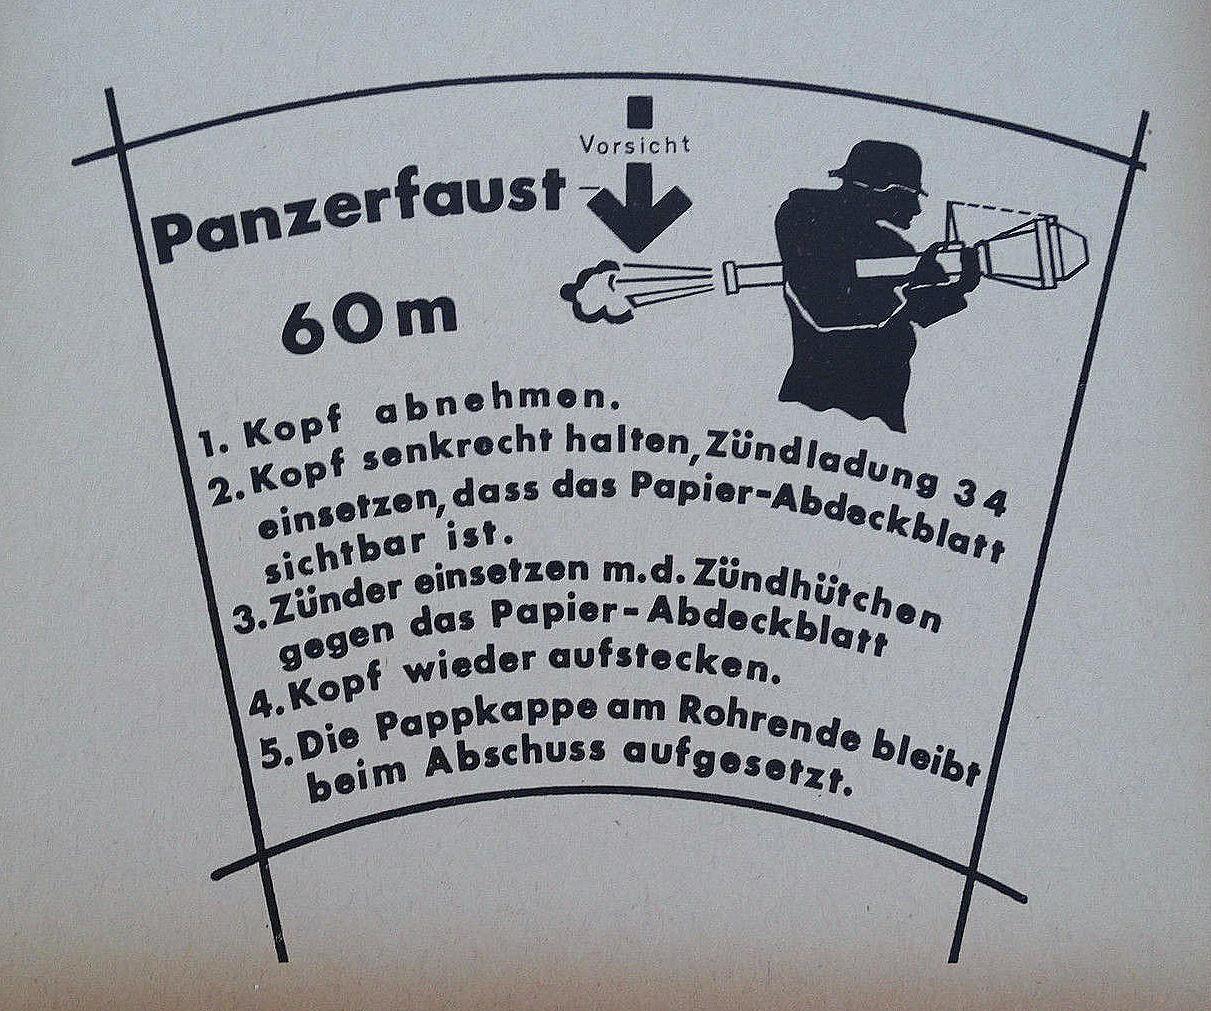 наклейка для панцерфауст